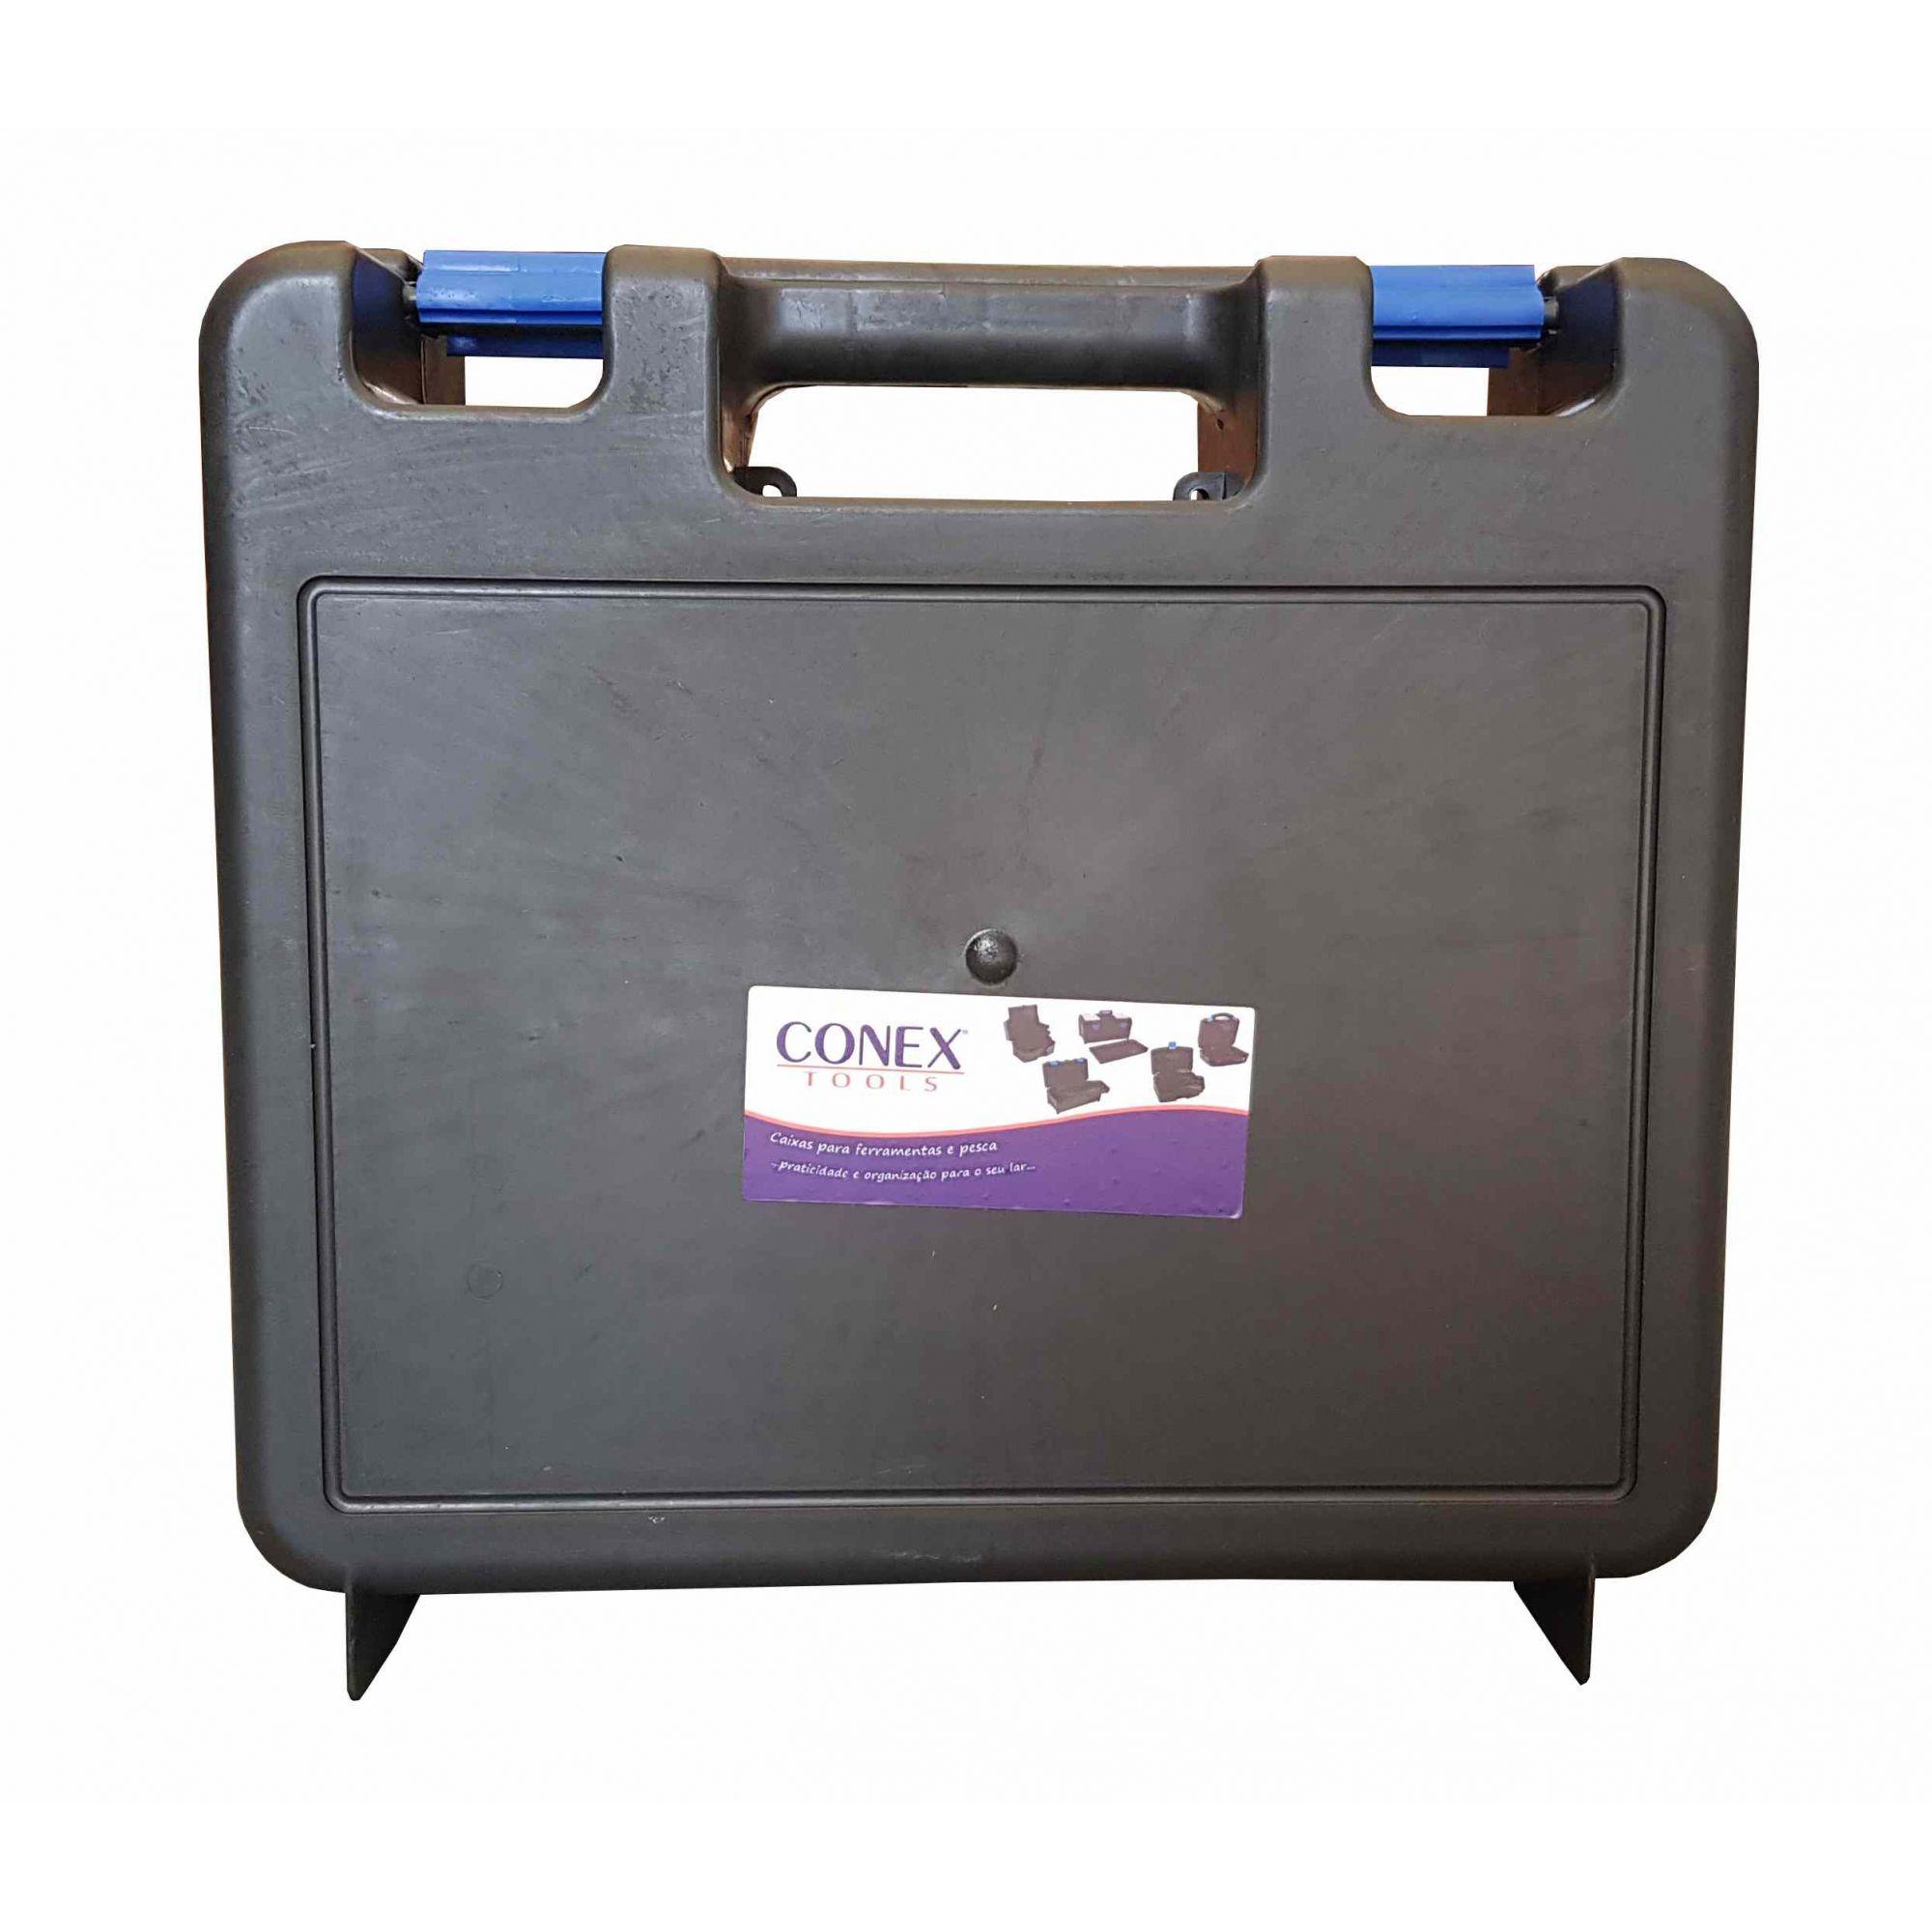 Caixa Maleta Plástica para Furadeira e Ferramentas Conex - 4 Unidades